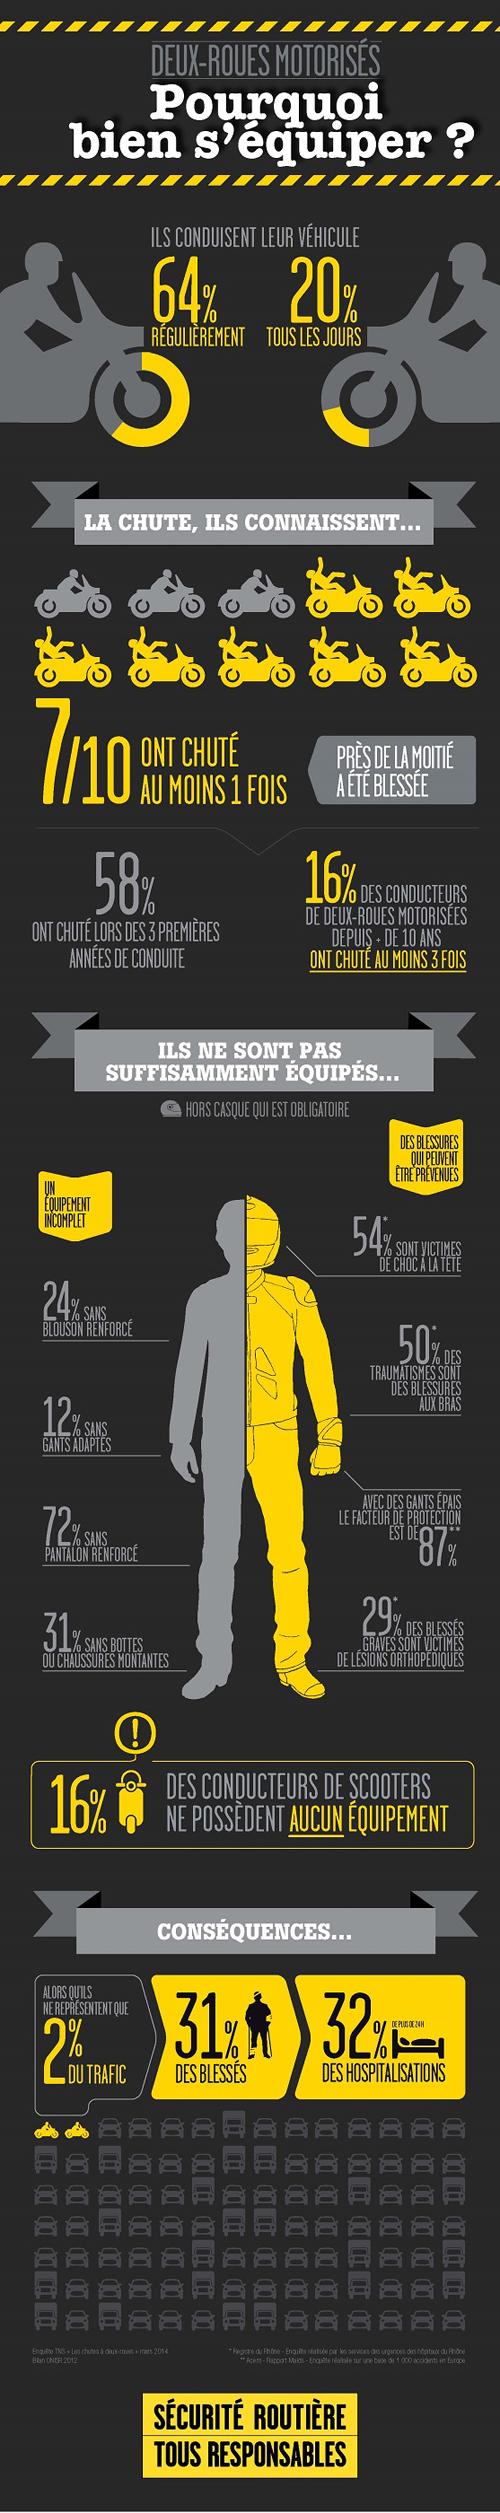 infographie-2rm-pourquoi-bien-s-equiper